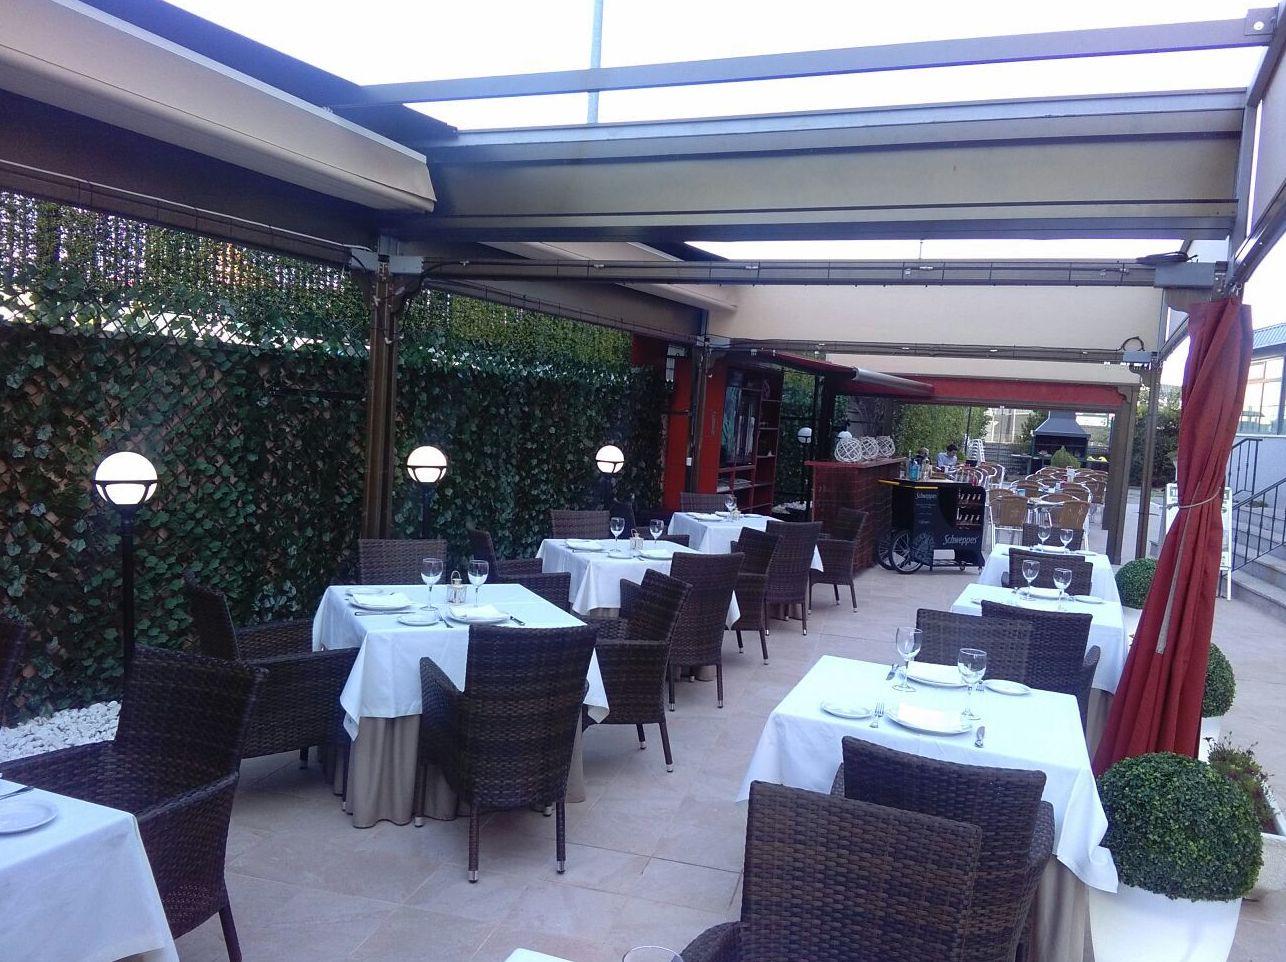 Foto 16 de Asadores en Arganda del Rey | Restaurante El Roble Hotel AB Arganda